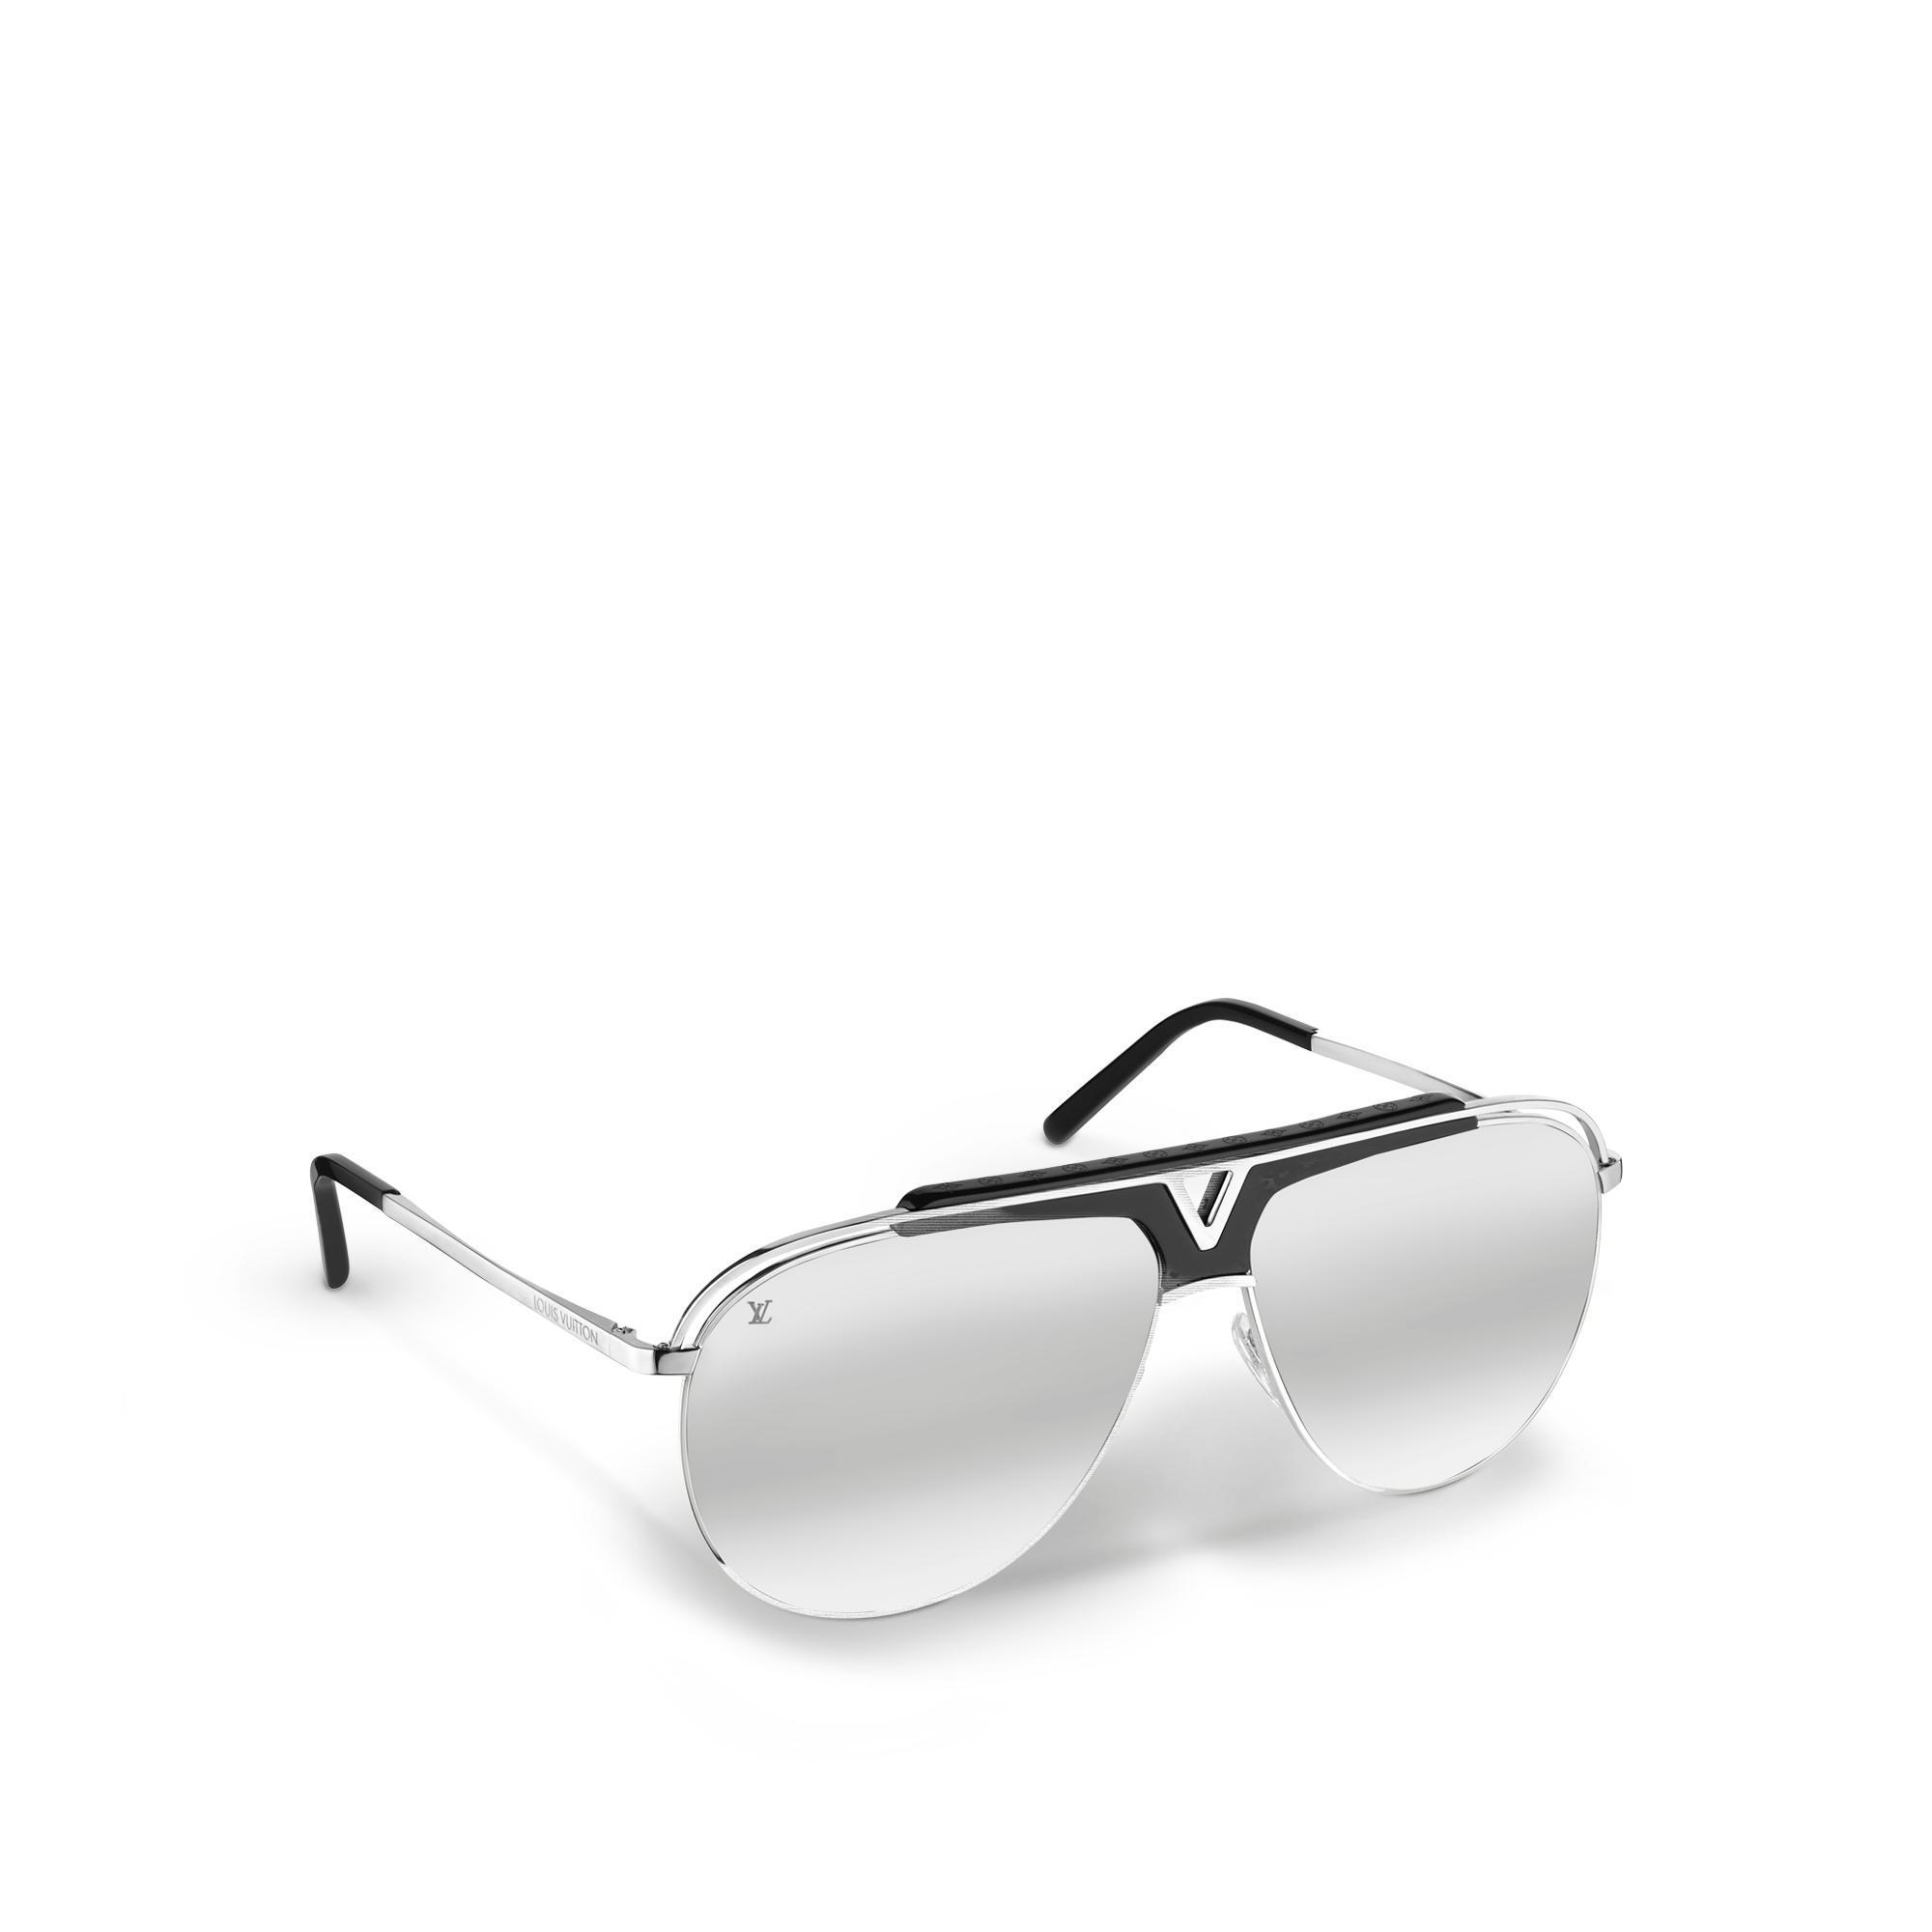 356c8a9ee9d6 Louis Vuitton Mascot Pilote Sunglasses